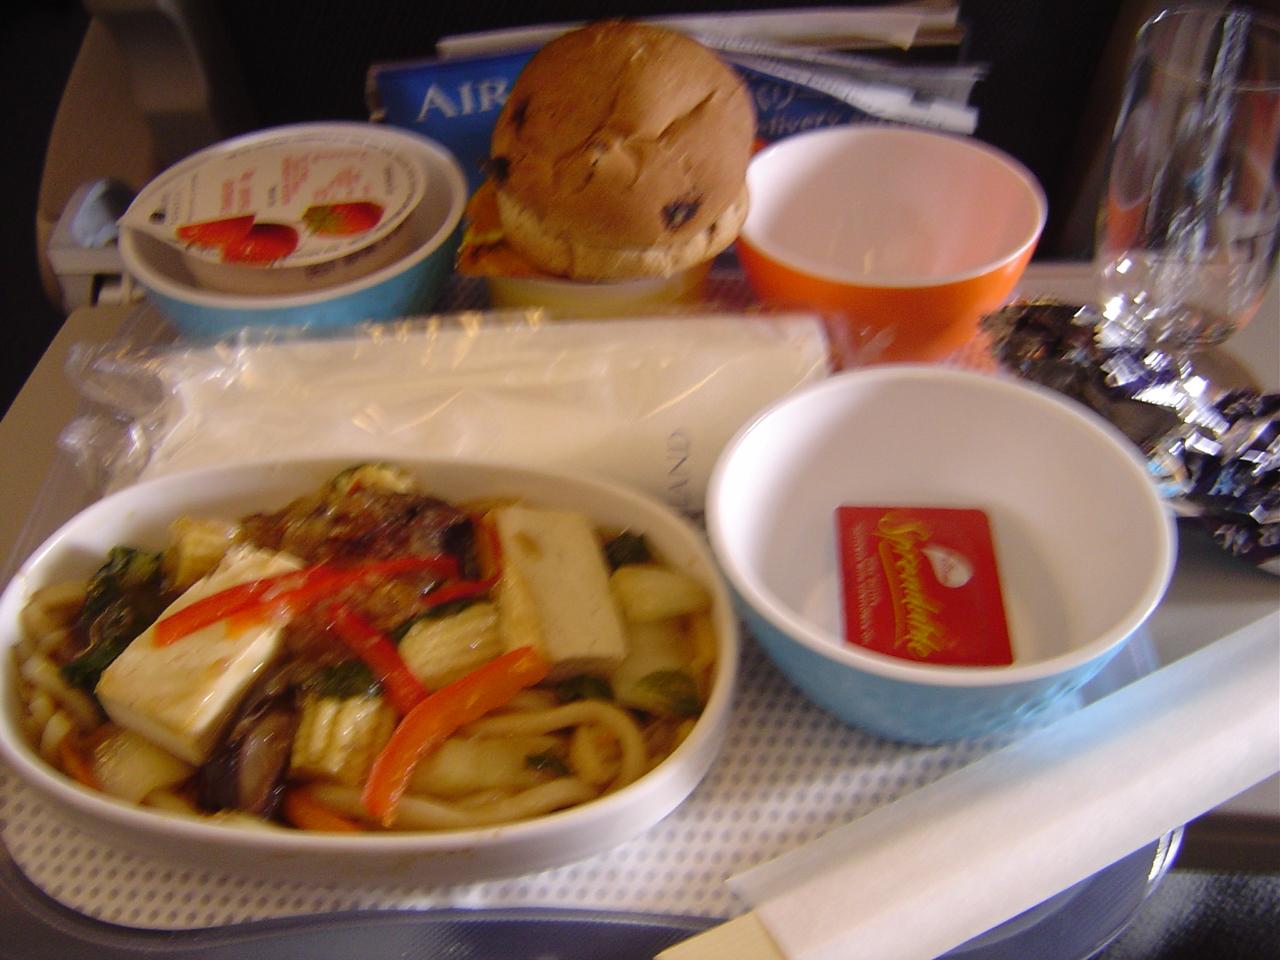 NZ帰り1回目の機内食